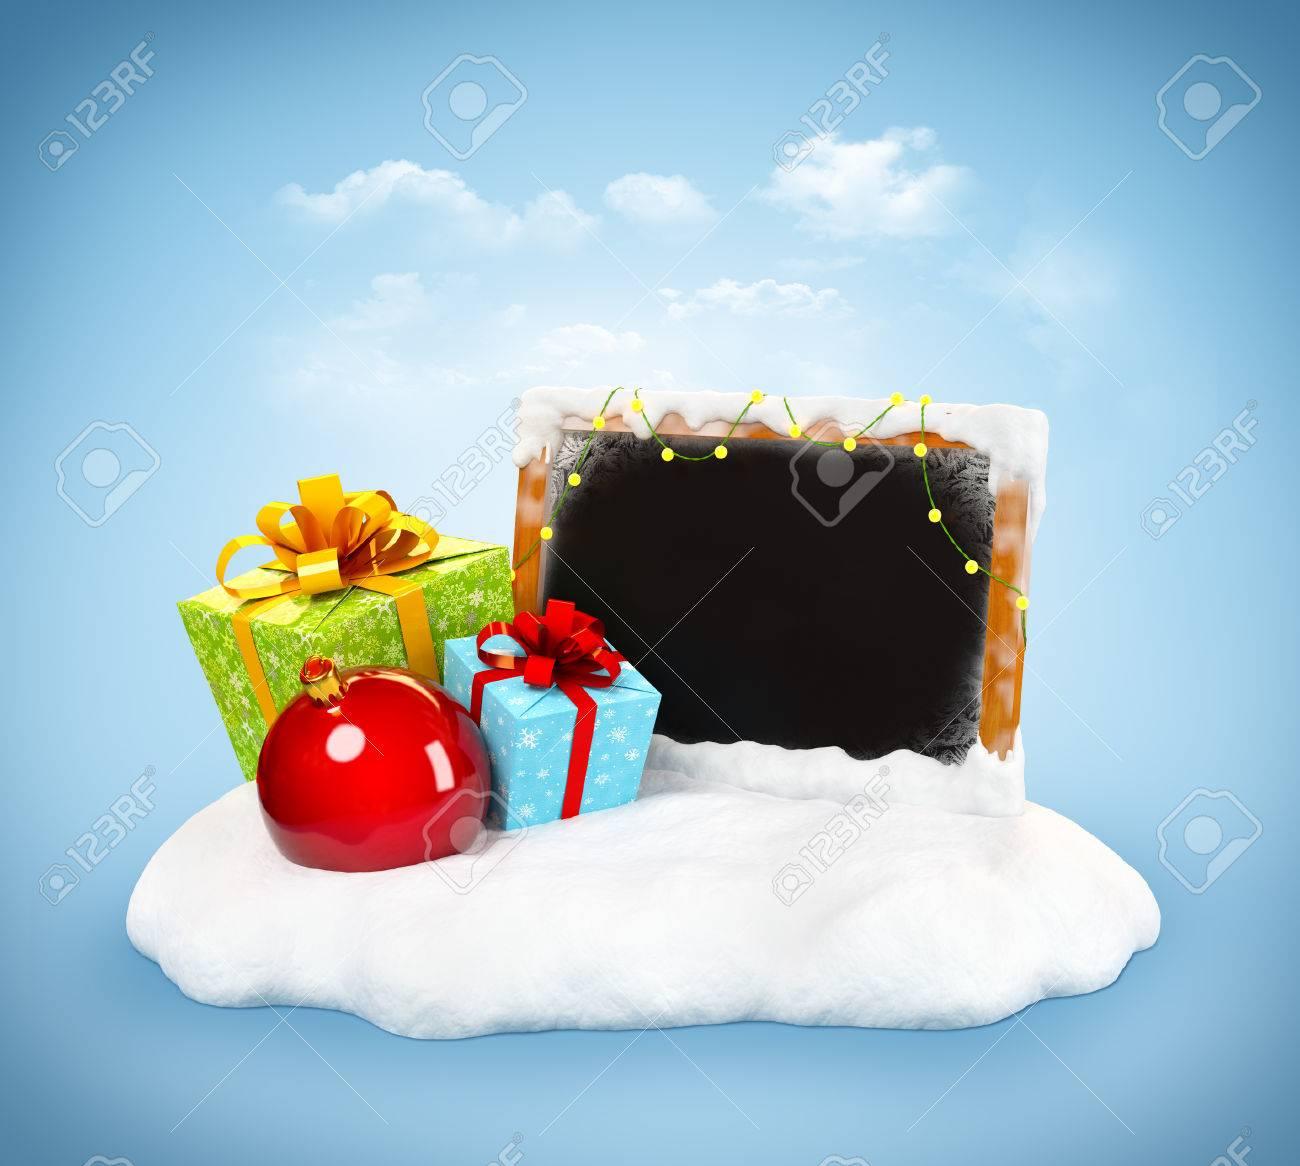 Weihnachtsgeschenkkästen Und Leere Tafel Auf Schneewehe Auf Blauem ...